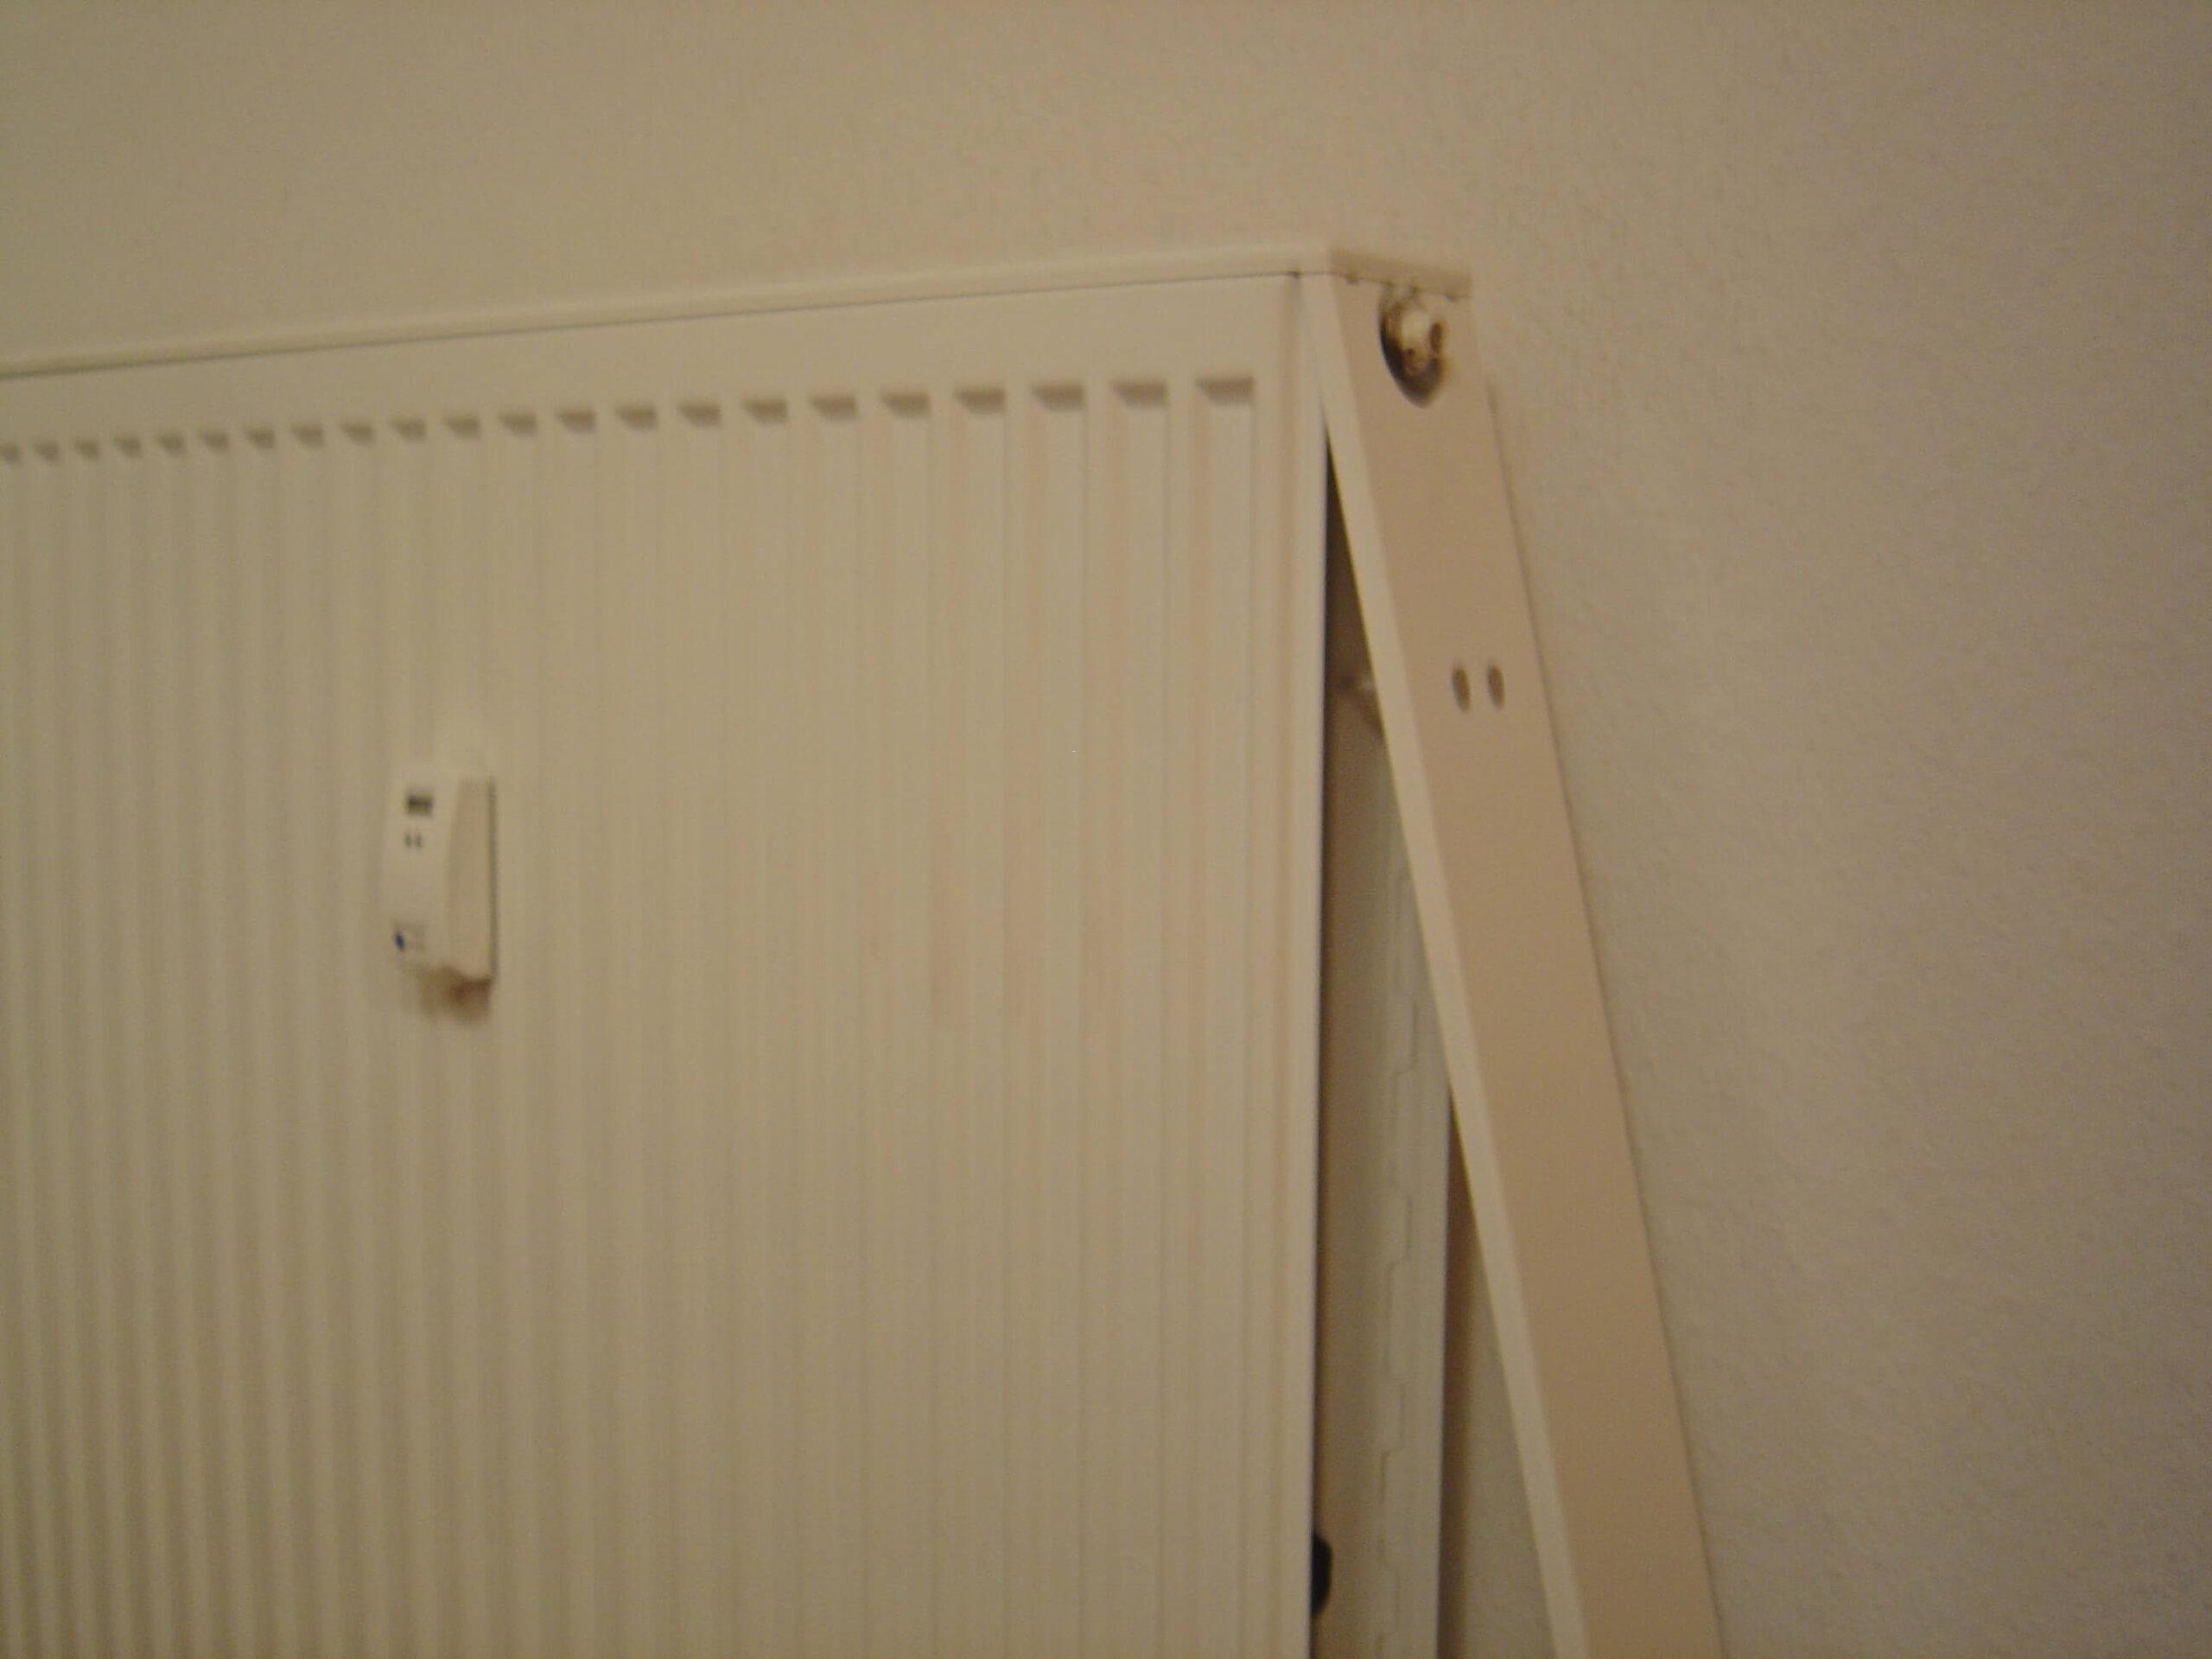 Full Size of Kermi Heizkörper Heizkrperreinigung Wohnzimmer Badezimmer Elektroheizkörper Bad Für Wohnzimmer Kermi Heizkörper